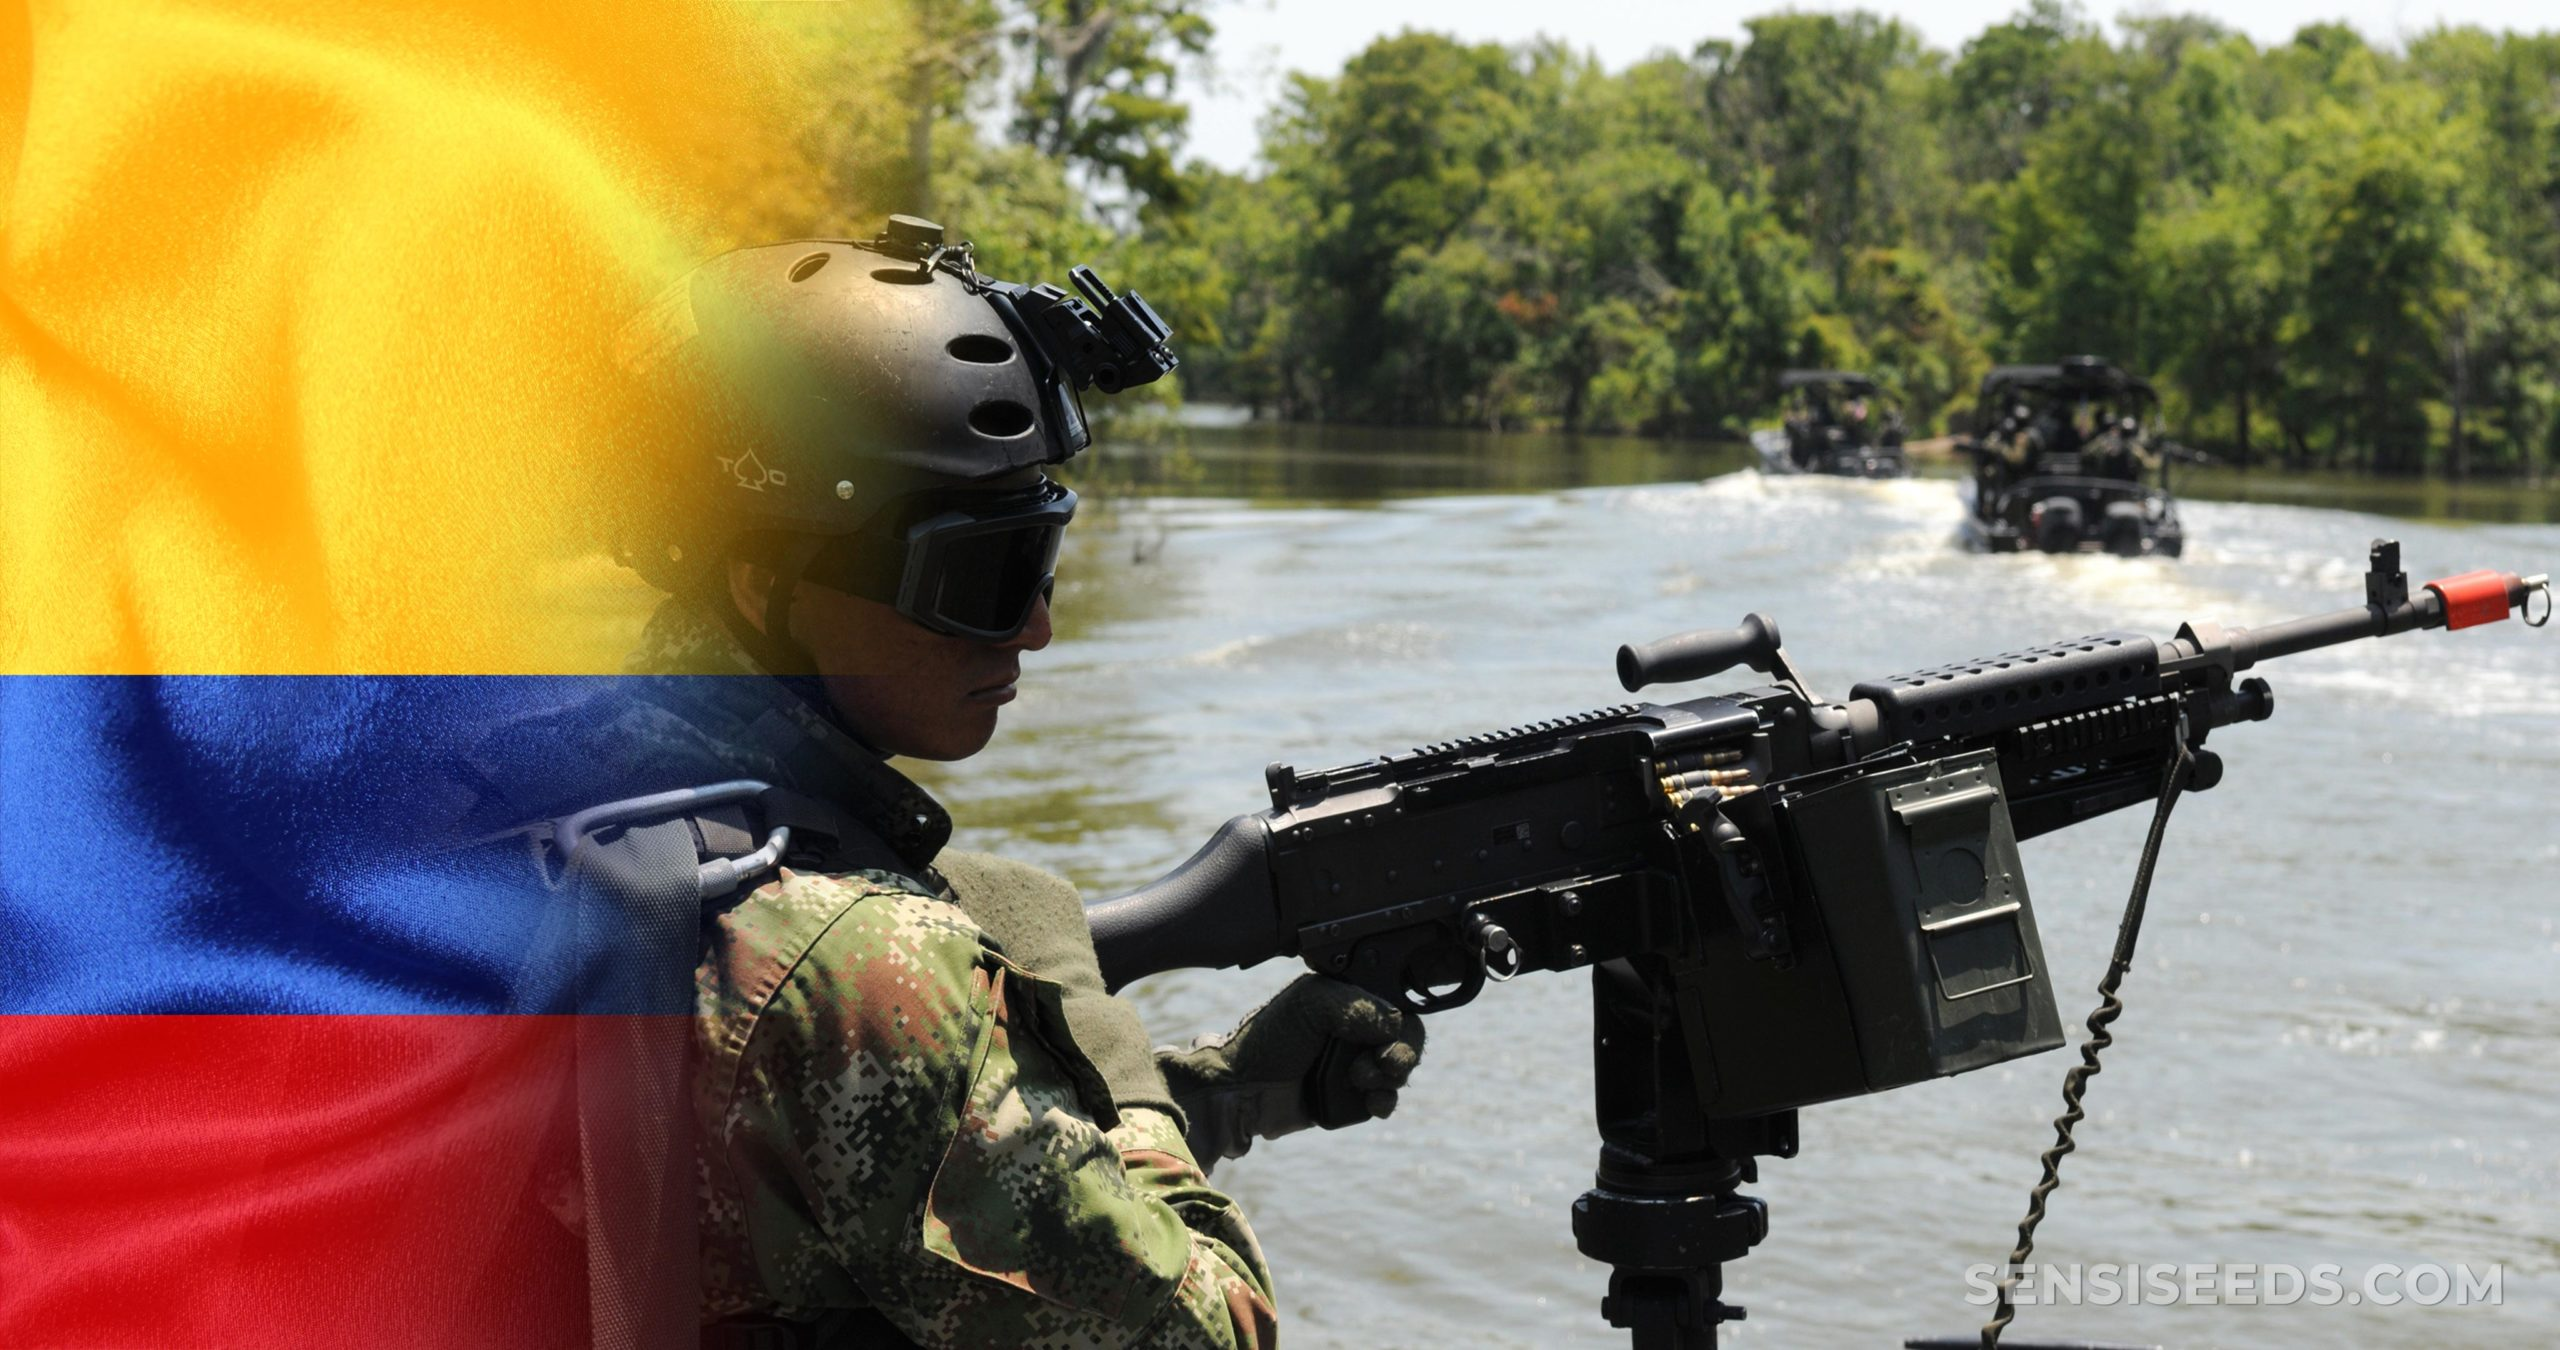 La bandera colombiana y una persona en uniforme militar que sostiene una ametralladora.